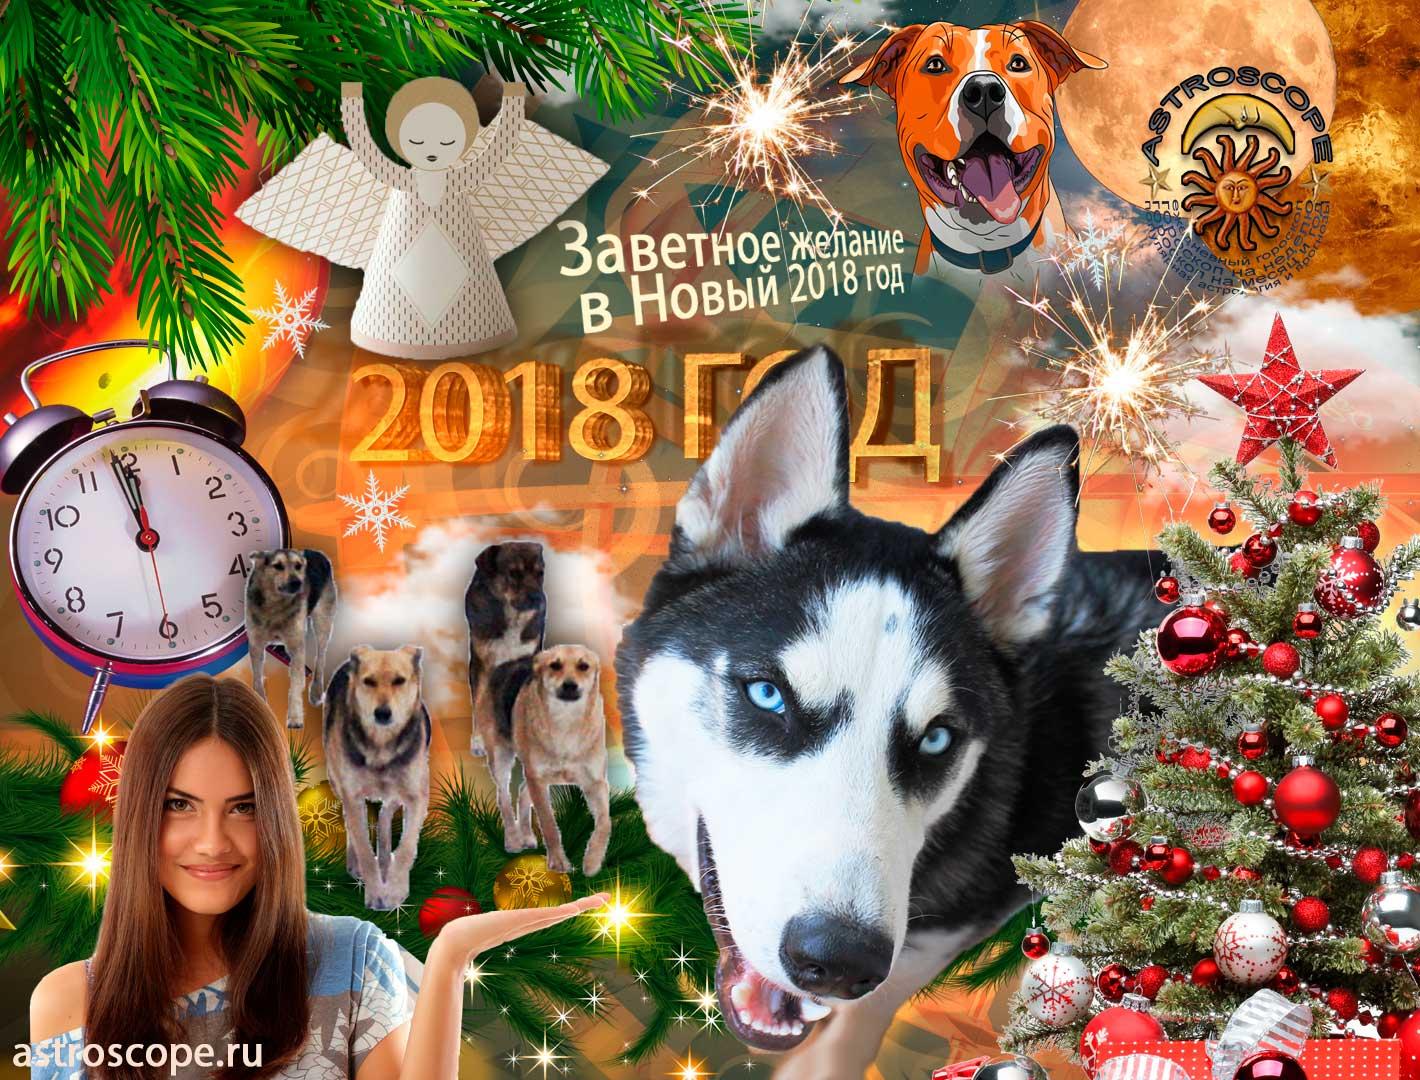 Ритуалы на Новый 2018 год для исполнения желания